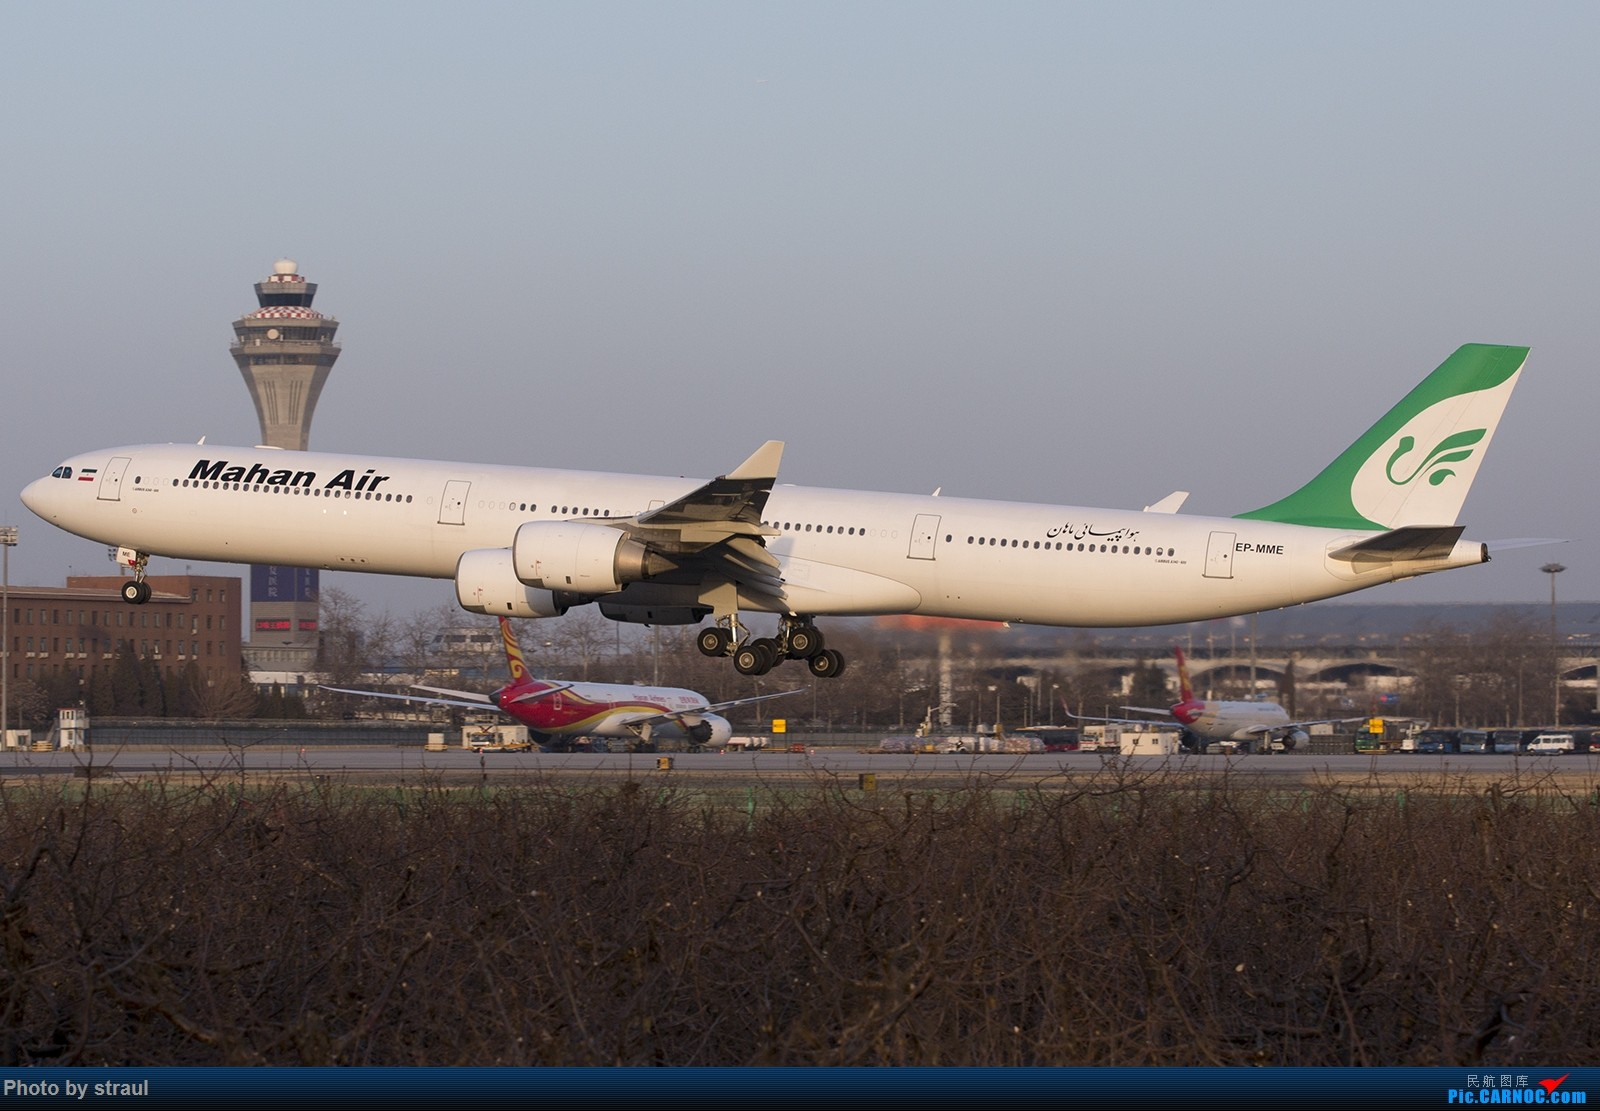 [原创]「一图一机」晚点的马汉 AIRBUS A340-600 EP-MME 中国北京首都国际机场